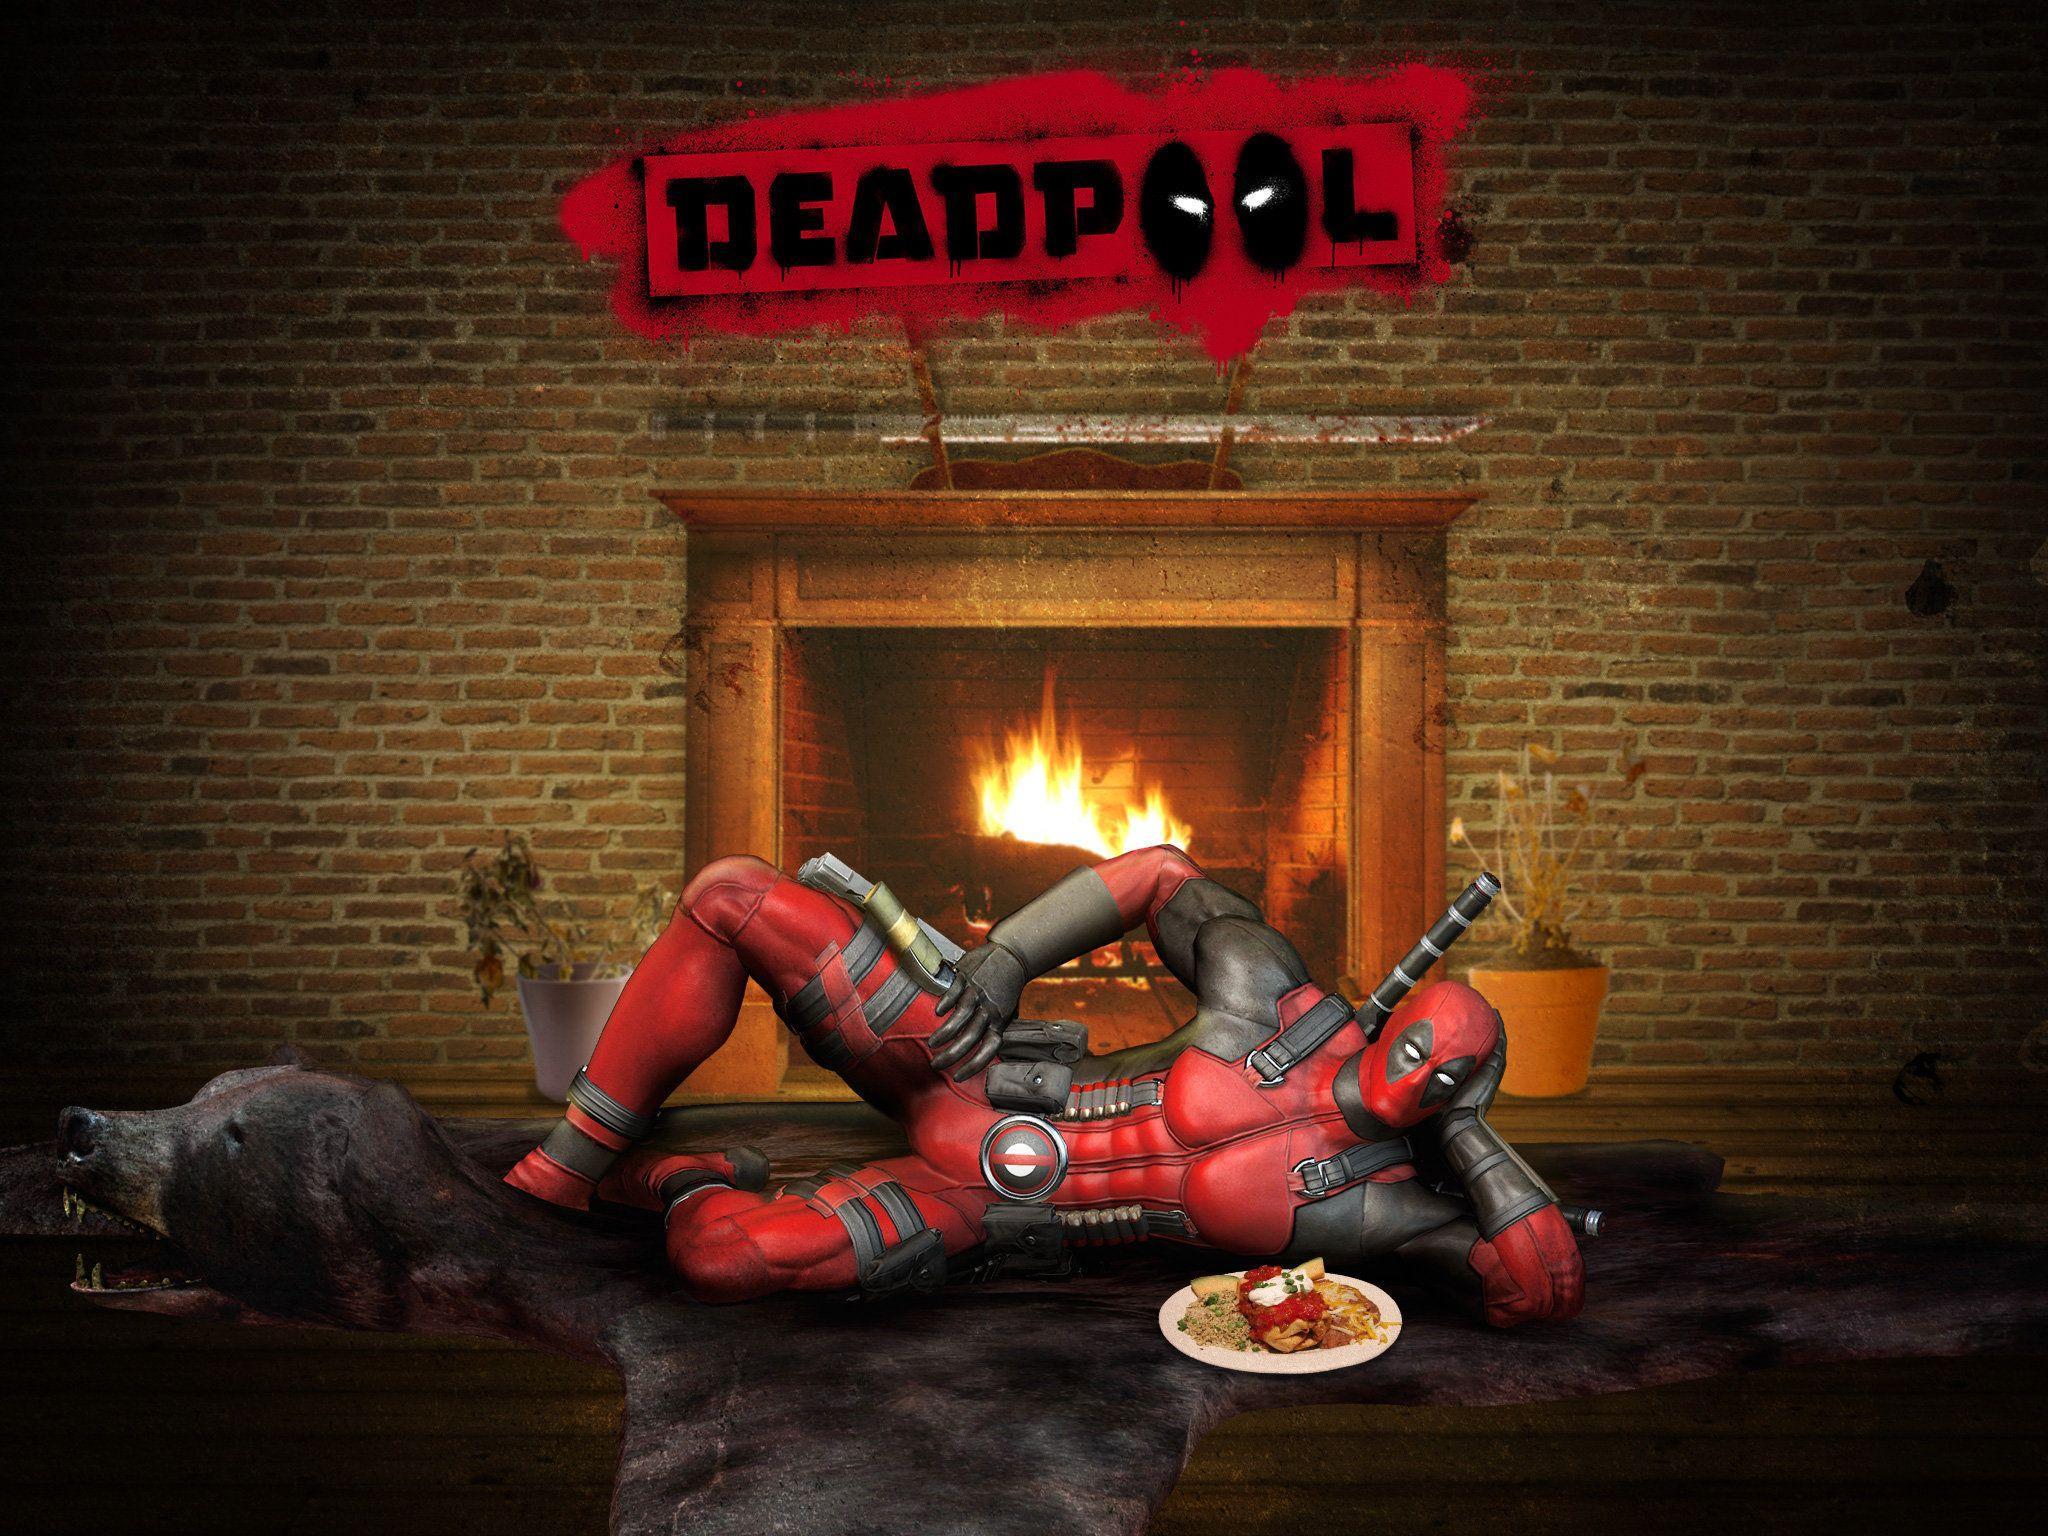 2048x2048 Deadpool 2 Movie Poster 4k Ipad Air Hd 4k: 56 Best Free Deadpool IPad Wallpapers